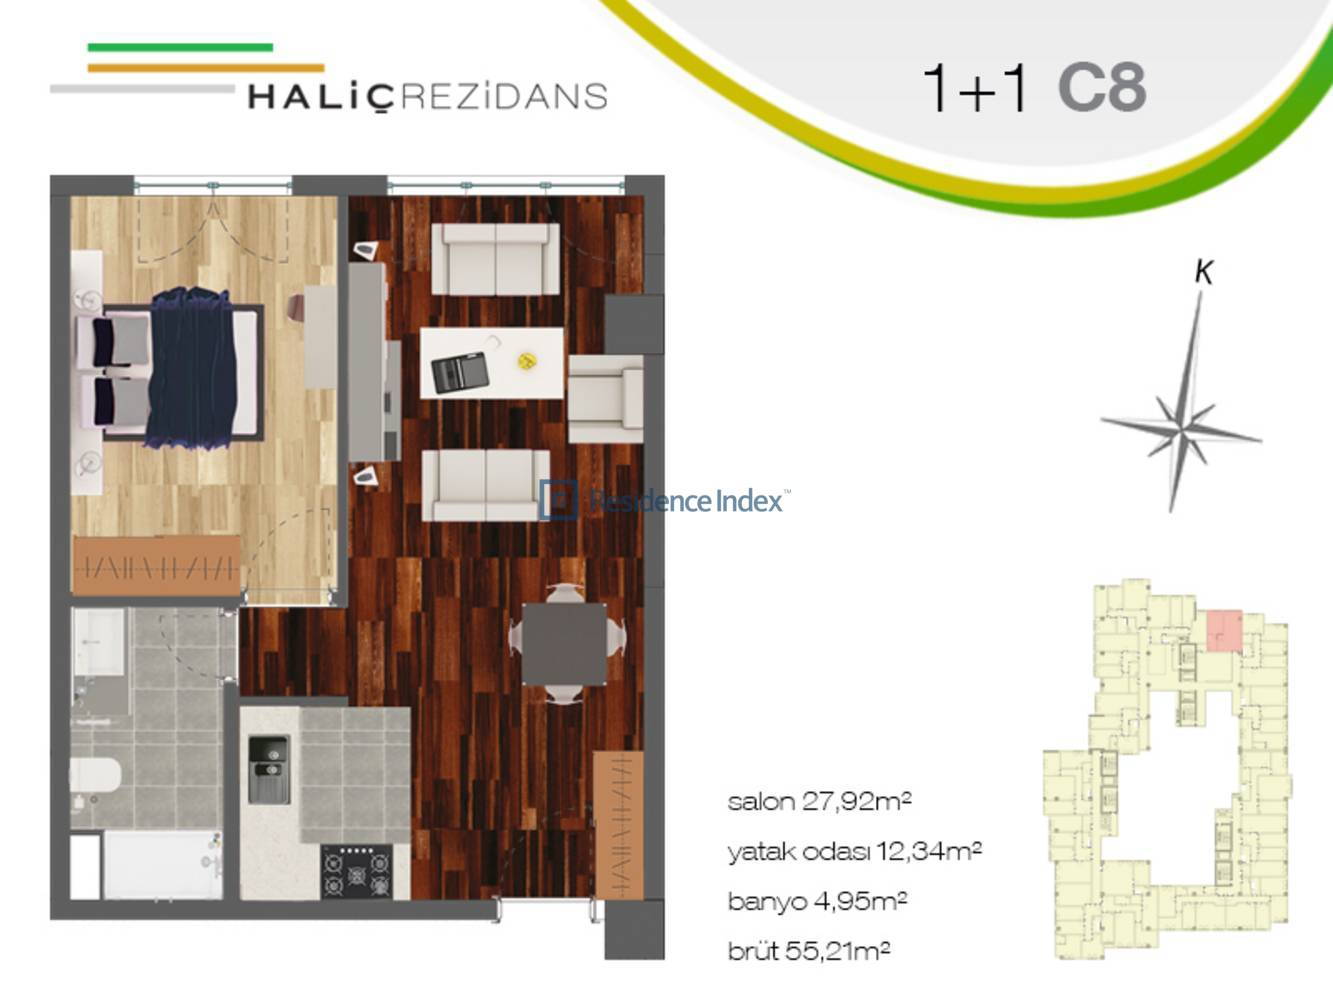 Haliç Rezidans C8